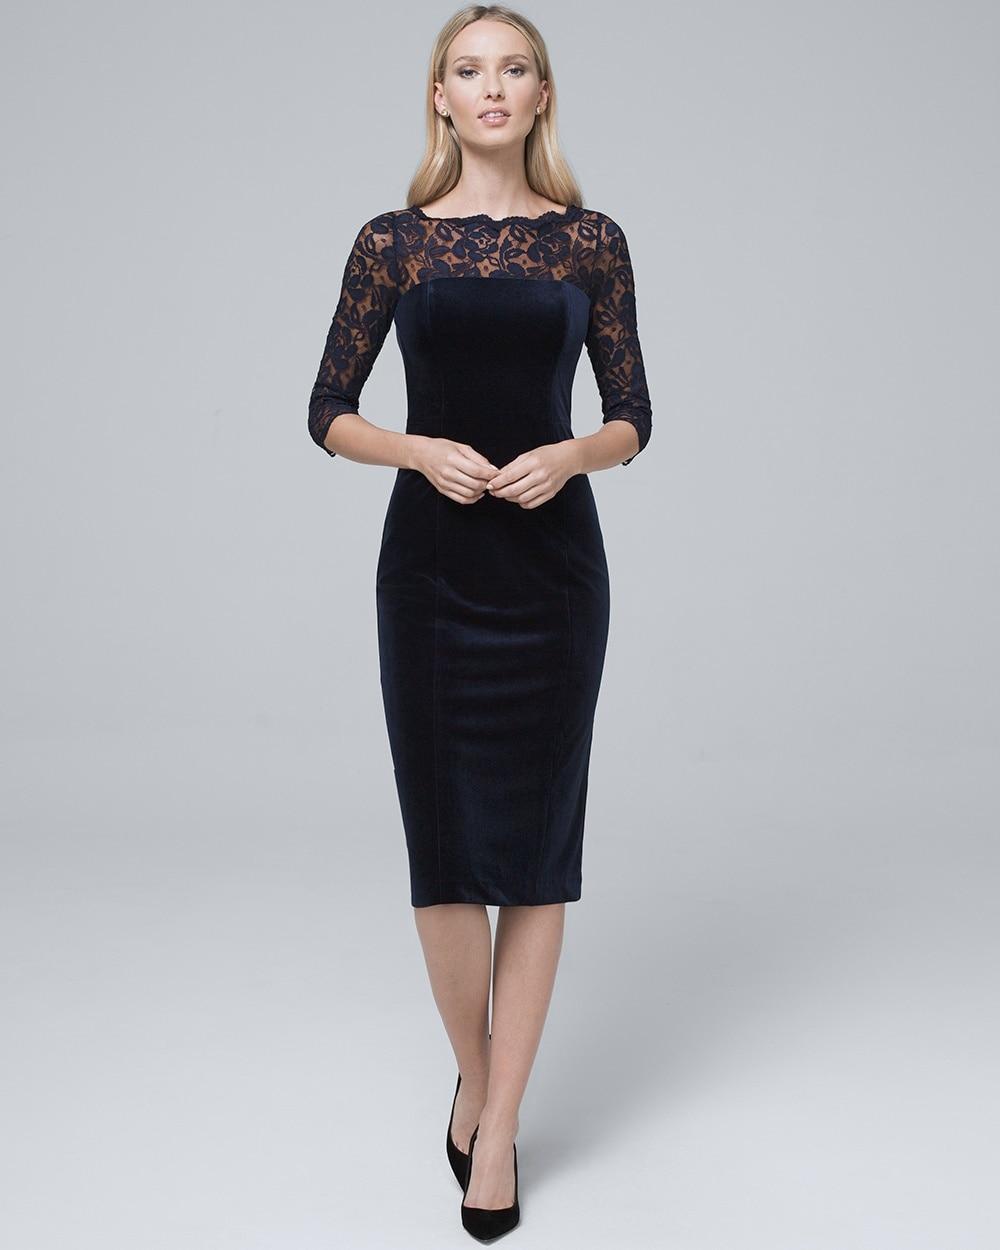 Illusion Neckline Velvet Sheath Dress White House Black Market